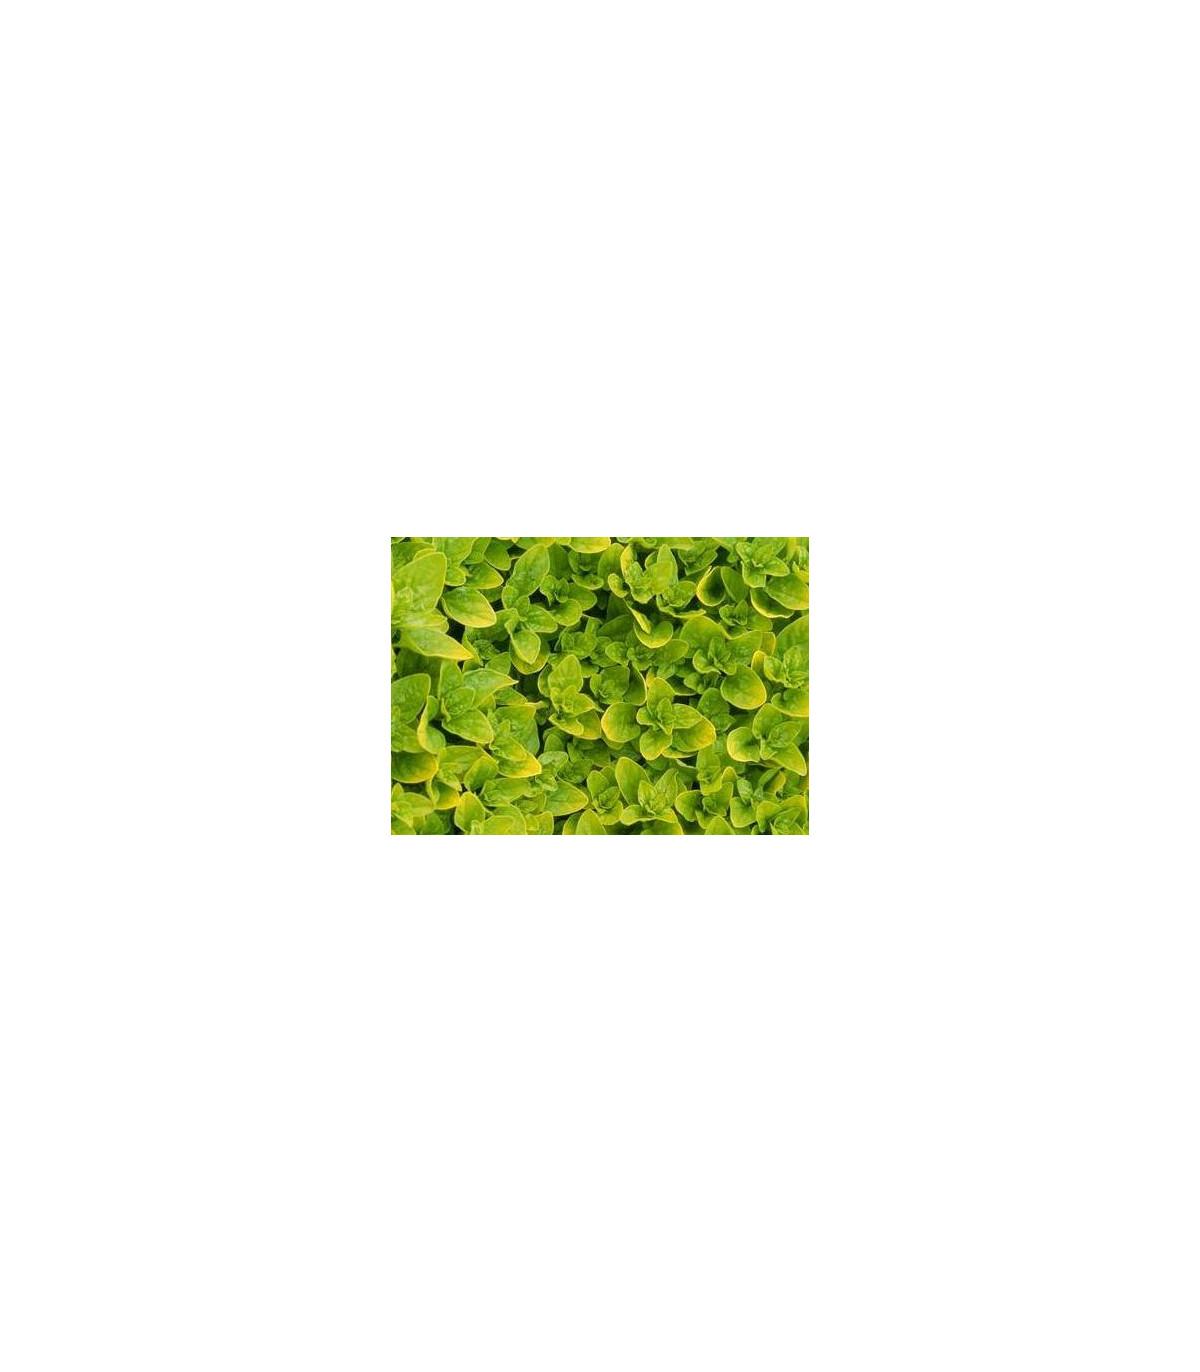 Majorán záhradný- Majorana hortensis- semená Majoránky- 1100 ks